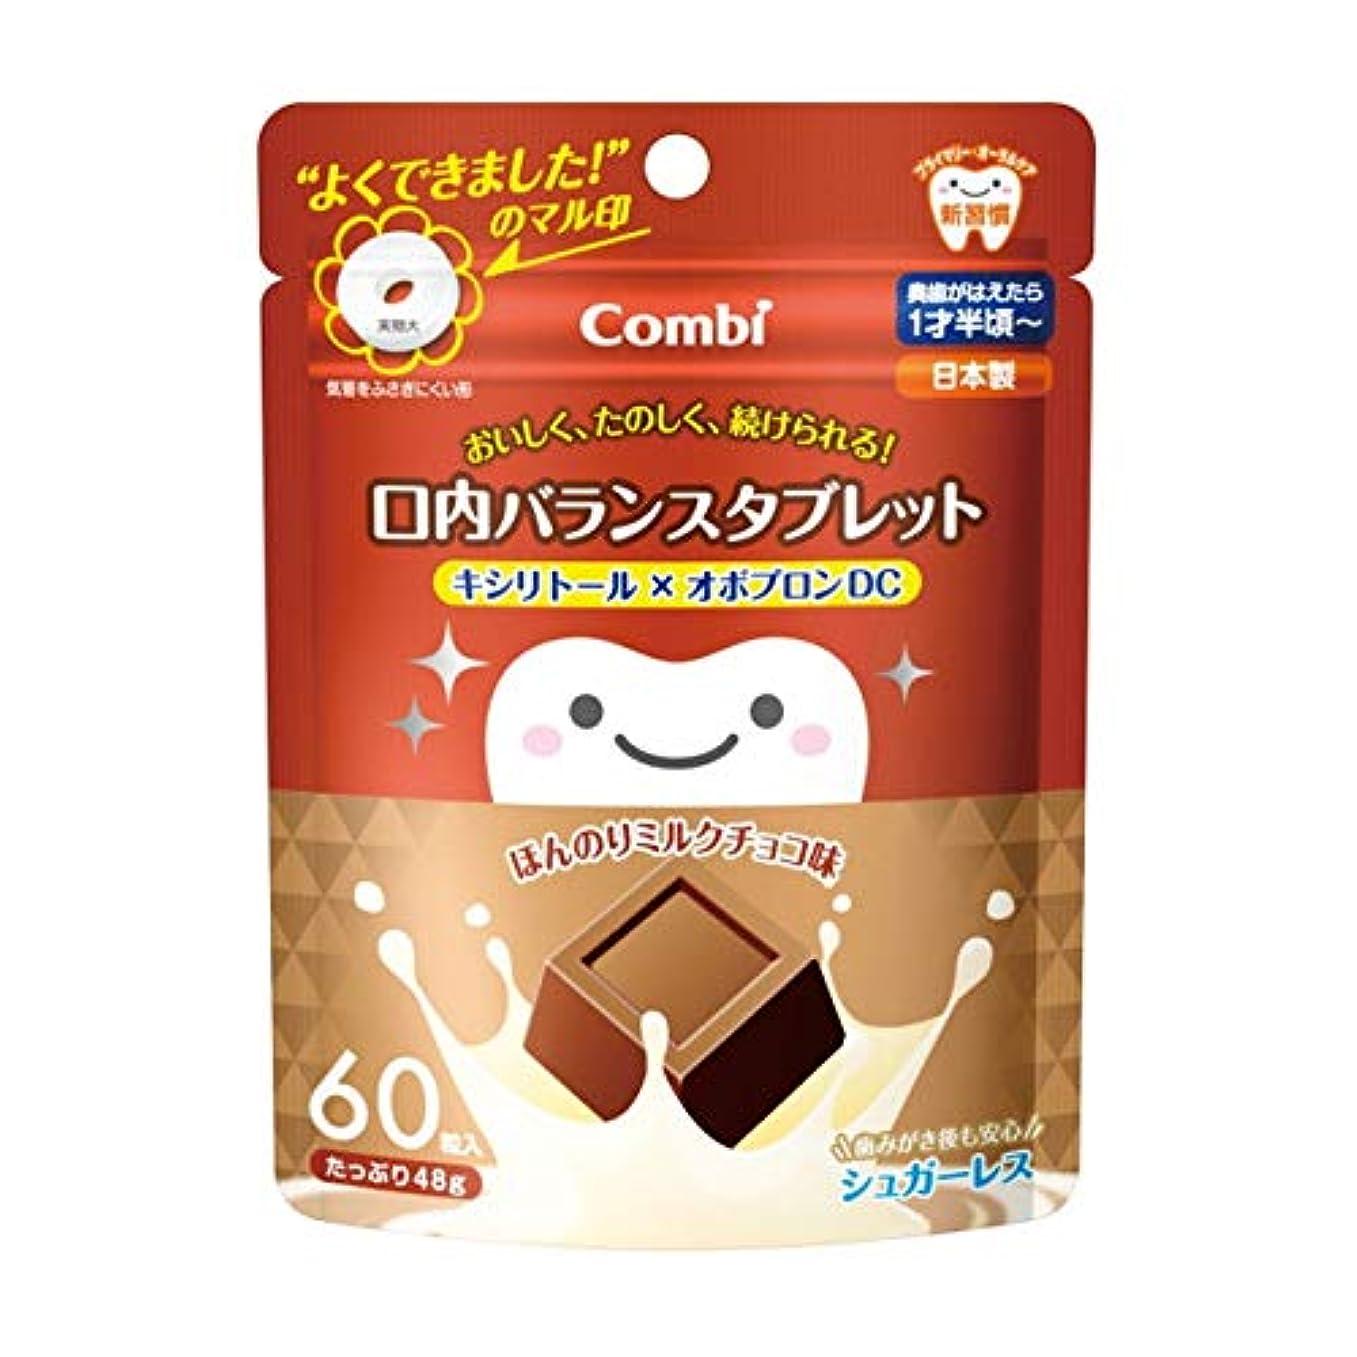 エチケットシンプルな簡潔なテテオ 口内バランスタブレット(ミルクチョコ) 60粒